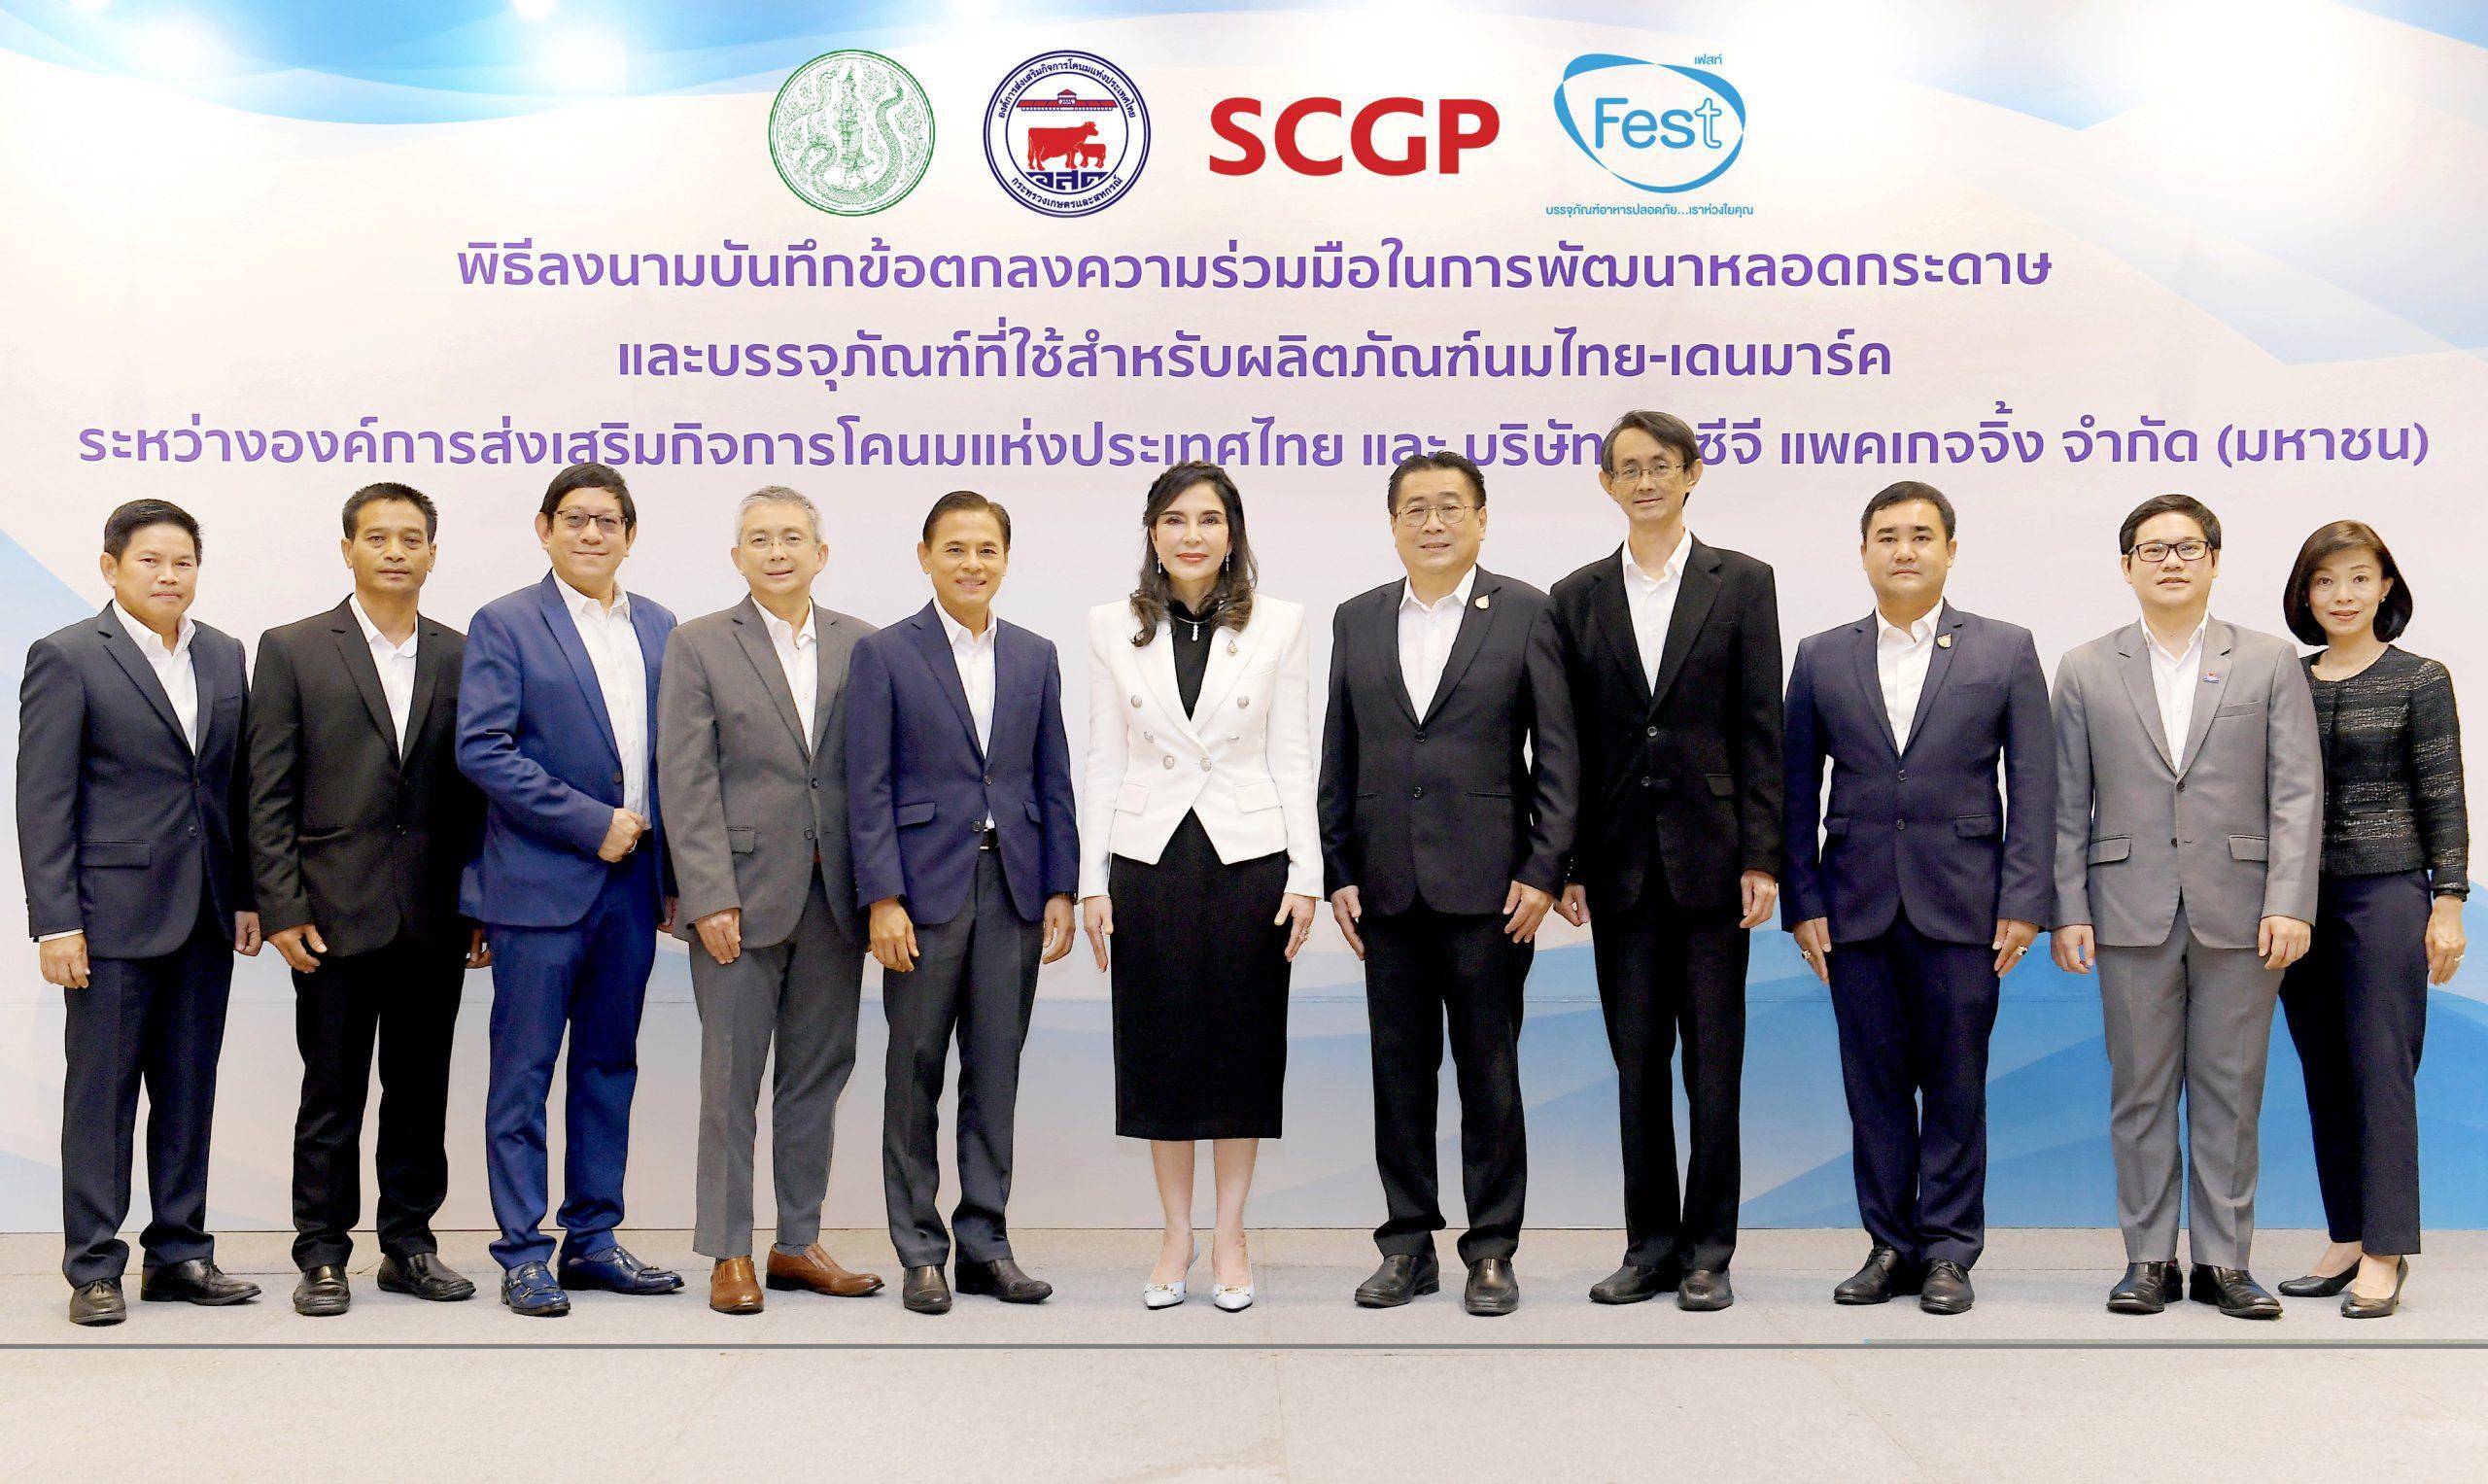 ไทย-เดนมาร์ค เลือกใช้หลอดกระดาษเฟสท์ จาก SCGP เป็นผู้ผลิตนมยูเอชทีรายแรก ที่ใช้หลอดกระดาษจากผู้ผลิตภายในประเทศไทย เพื่อสิ่งแวดล้อมที่ดีขึ้นอย่างยั่งยืน